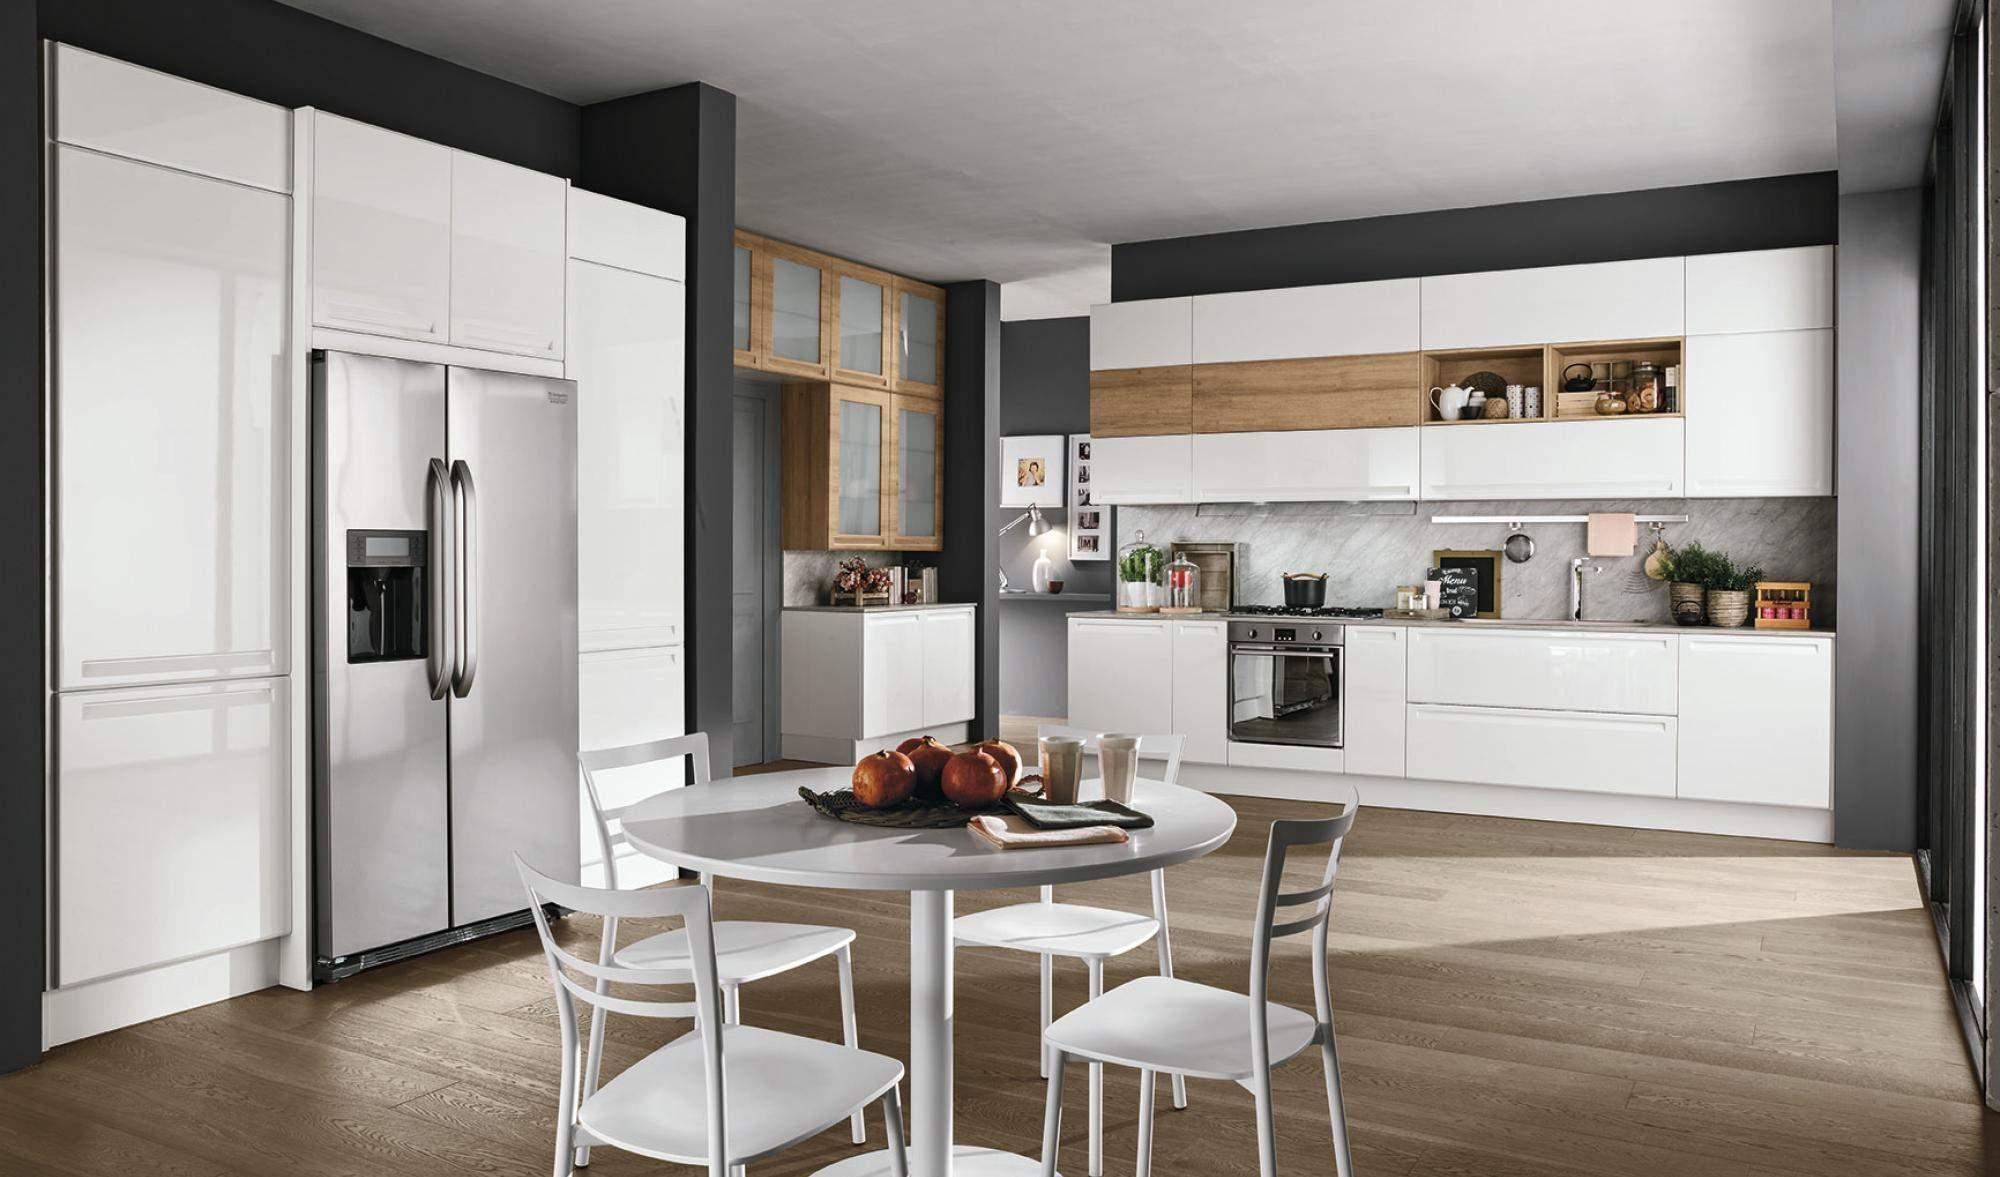 Best cucine artec opinioni ideas - Colombini cucine opinioni ...